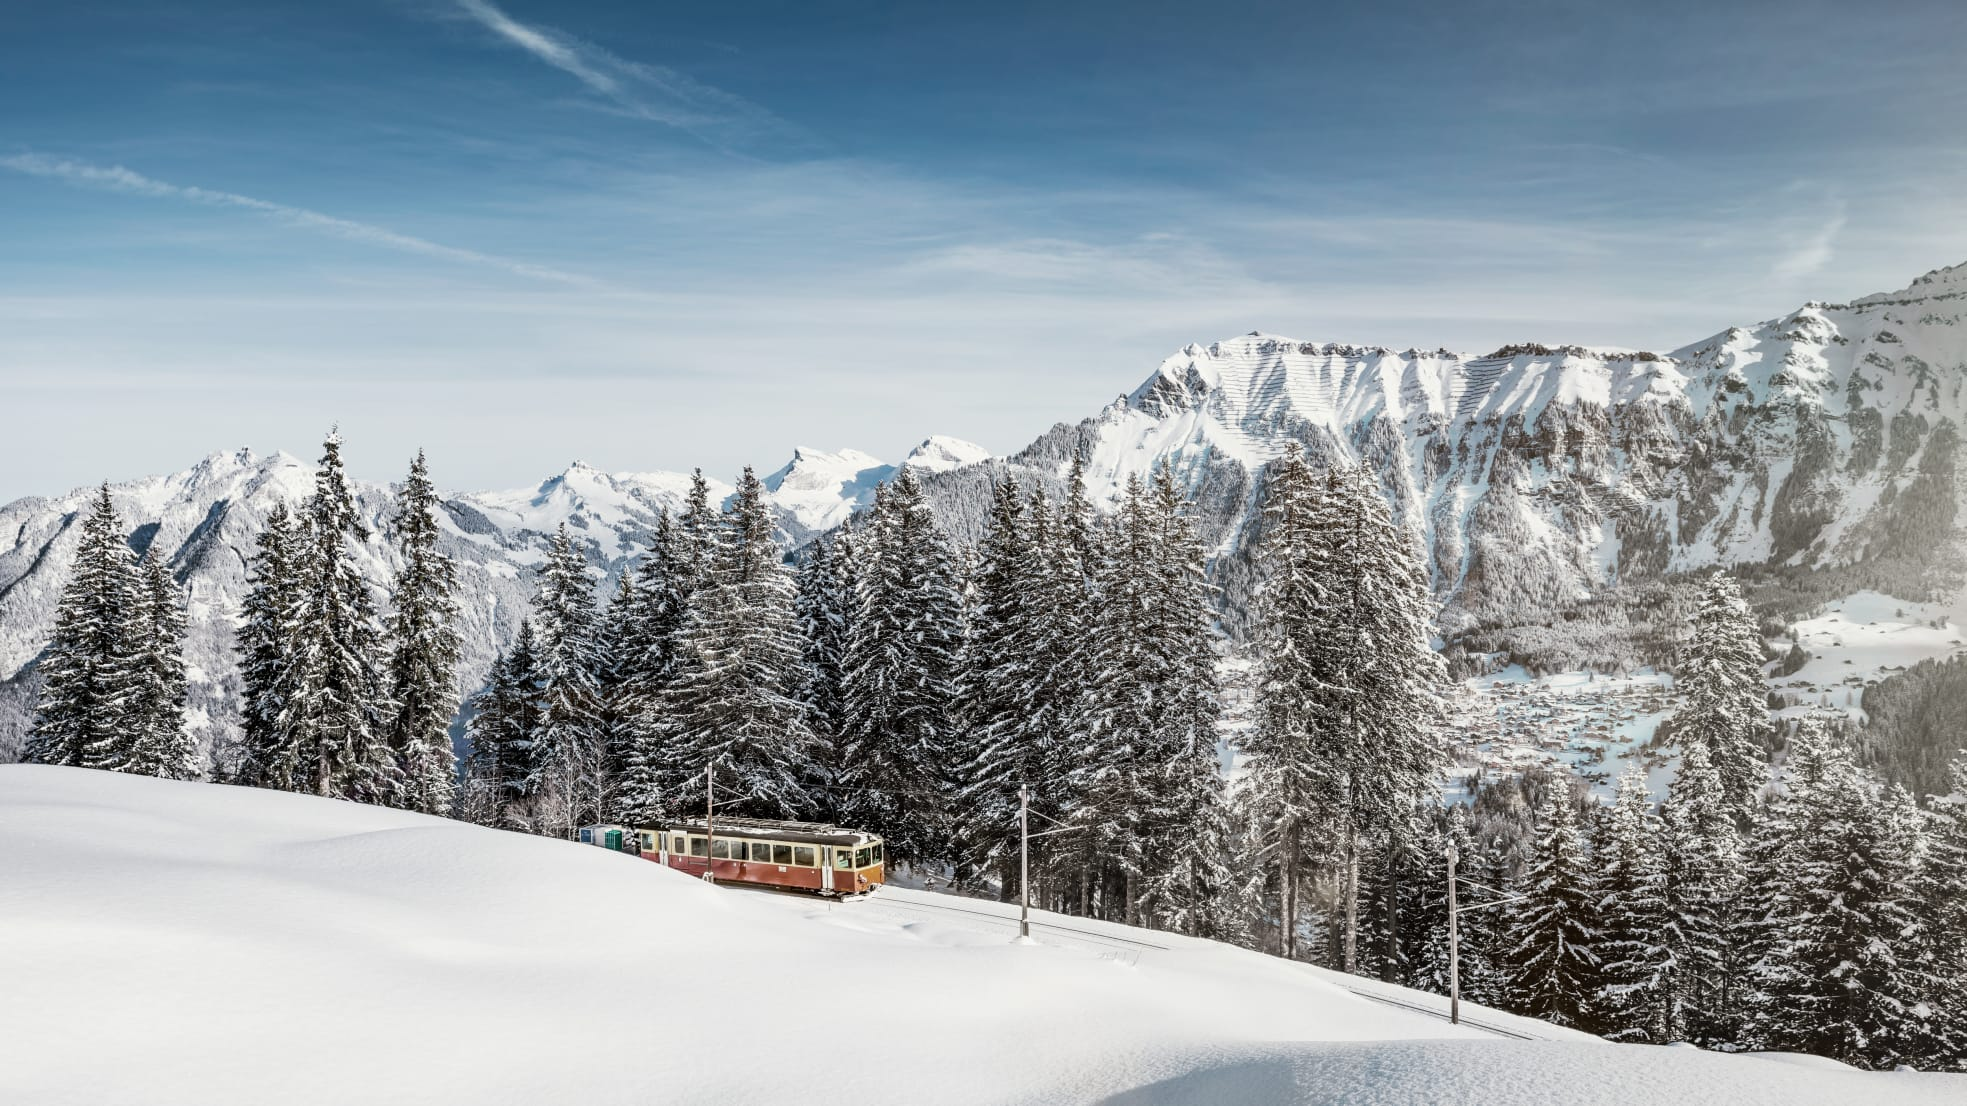 Bergbahn Muerren Winter Schnee